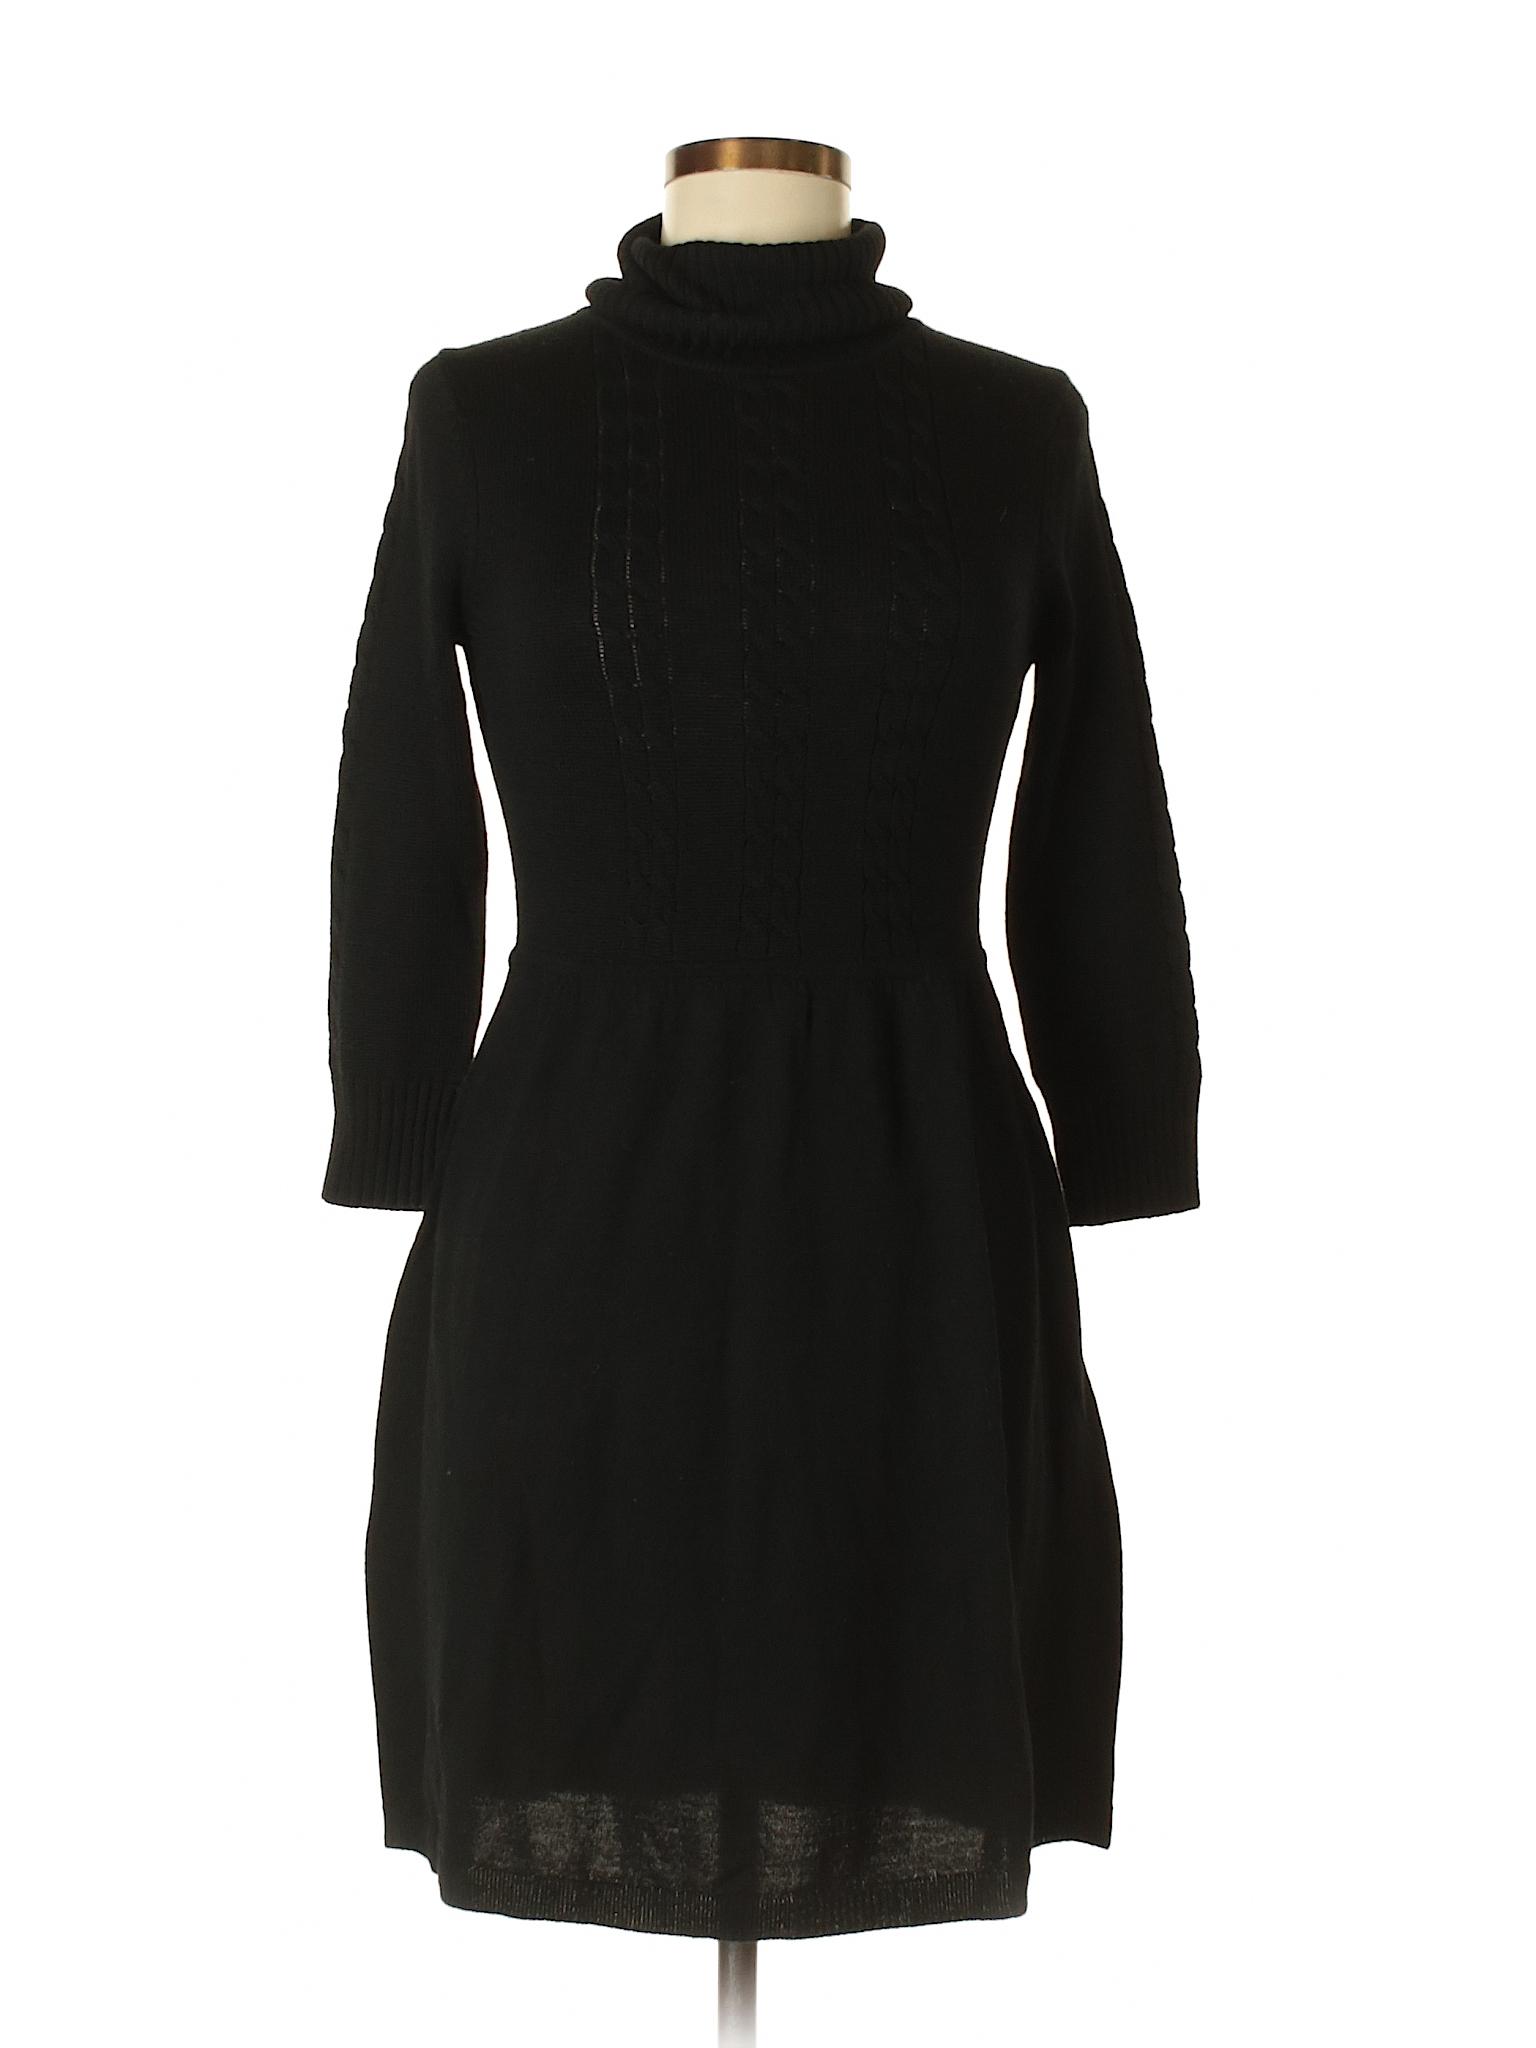 Shoshanna Boutique Dress Casual winter winter Boutique z68xRqwxP